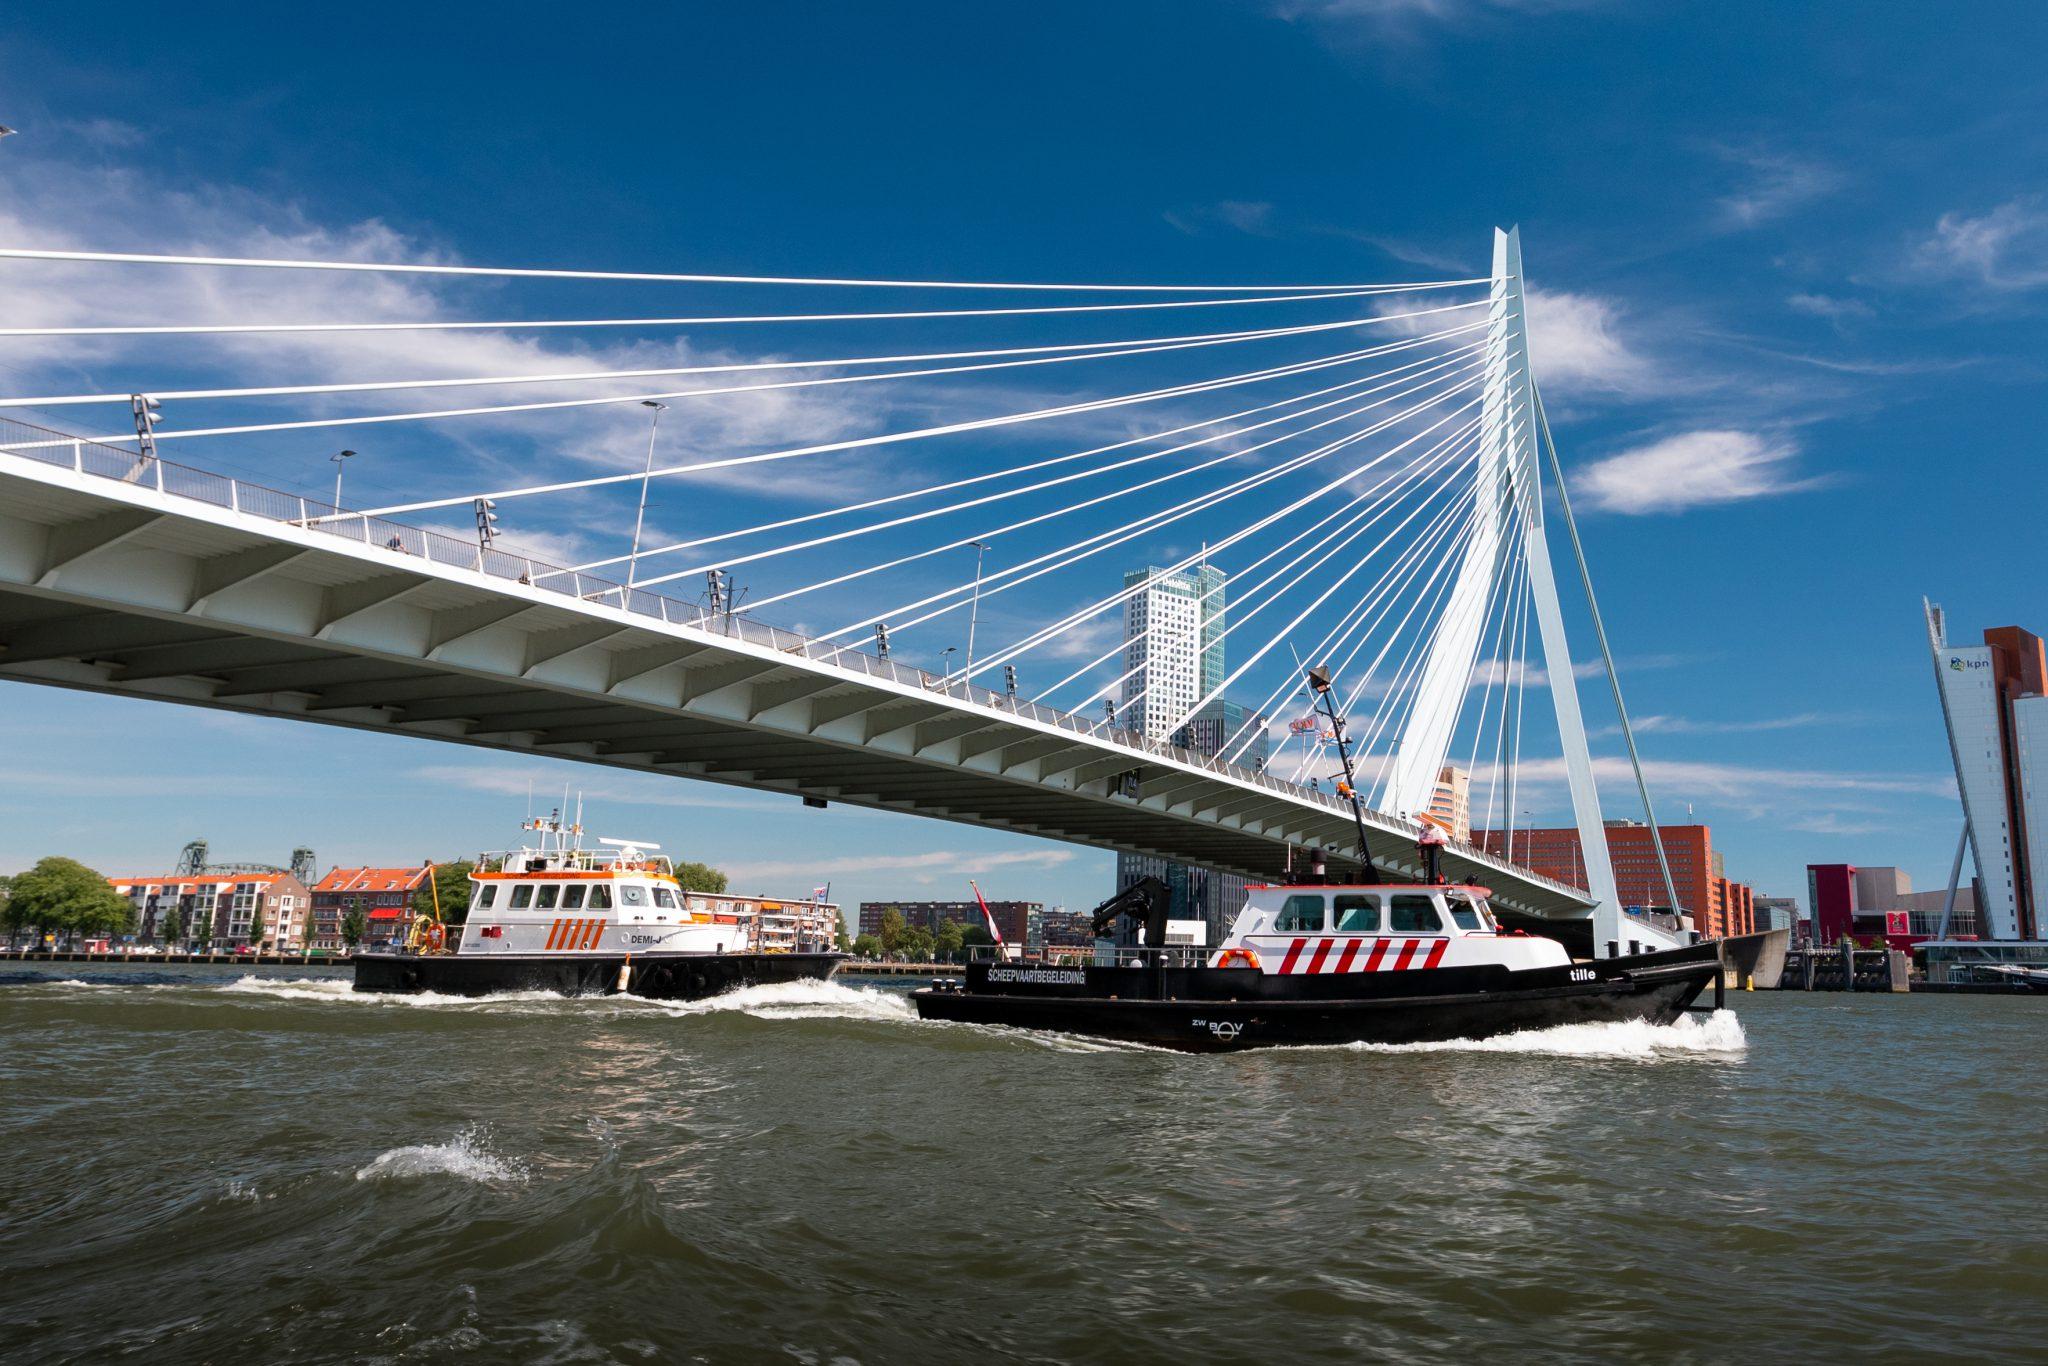 scheepvaartbegeleiding nederland erasmusbrug